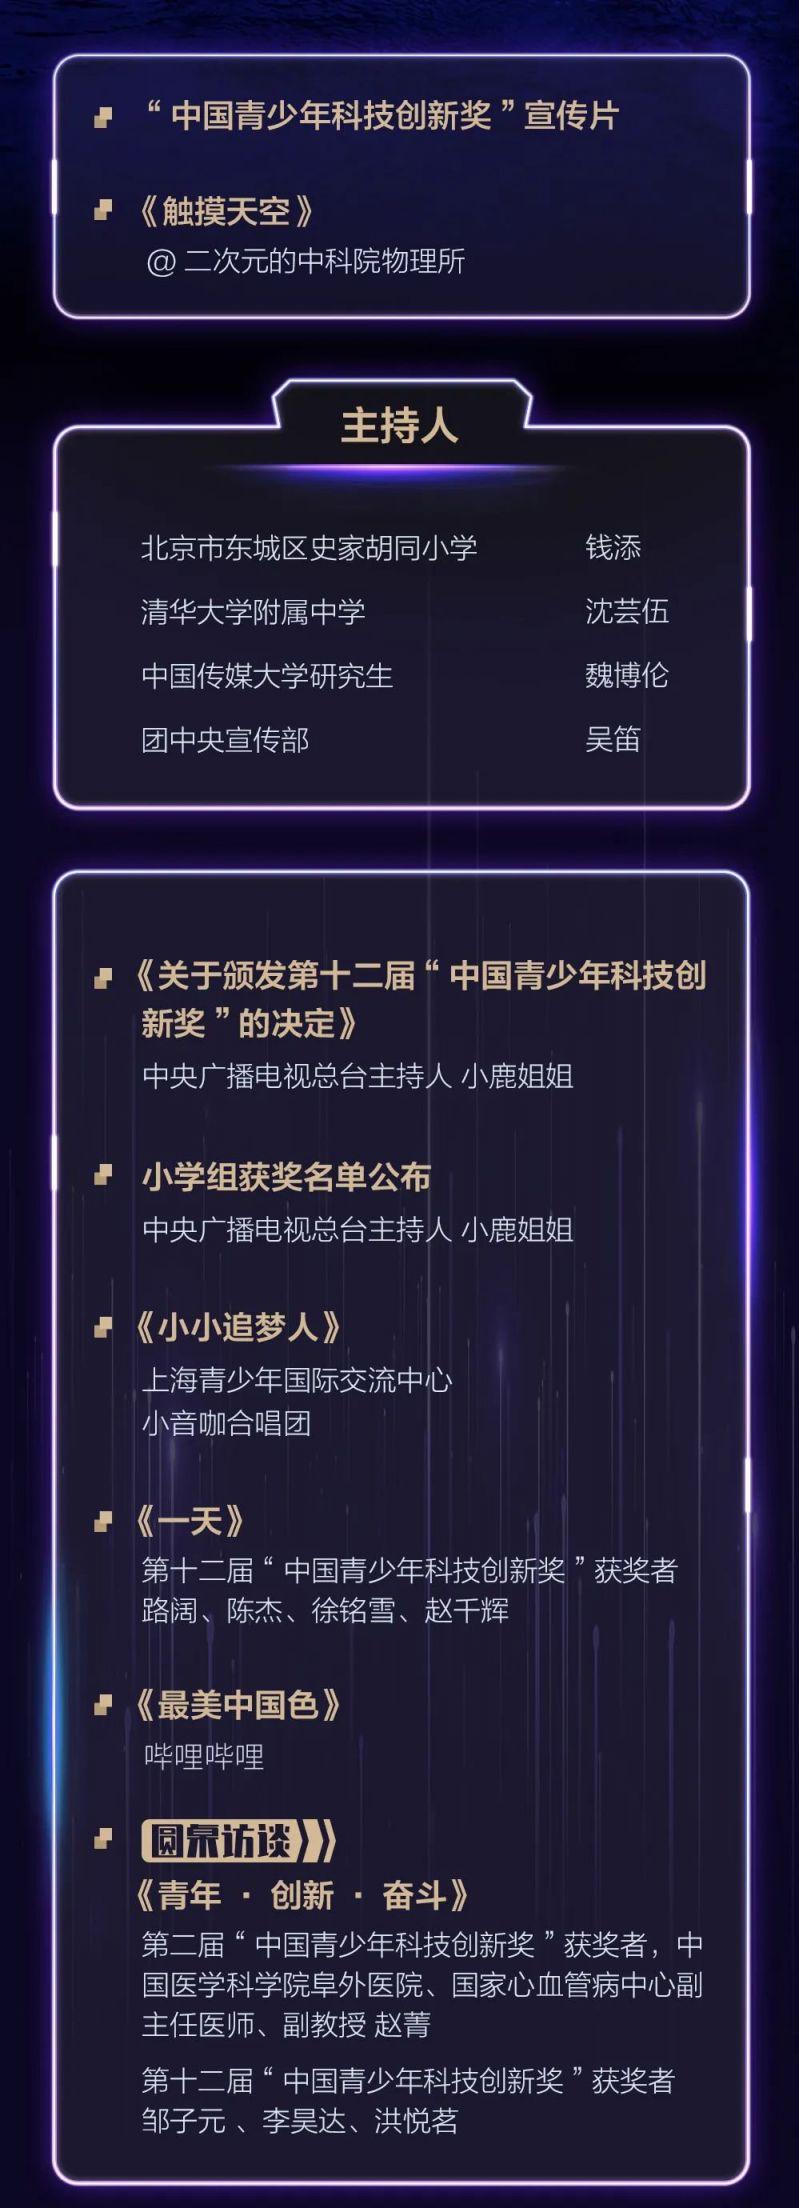 第十二届中国青少年科技创新奖直播时间 直播入口